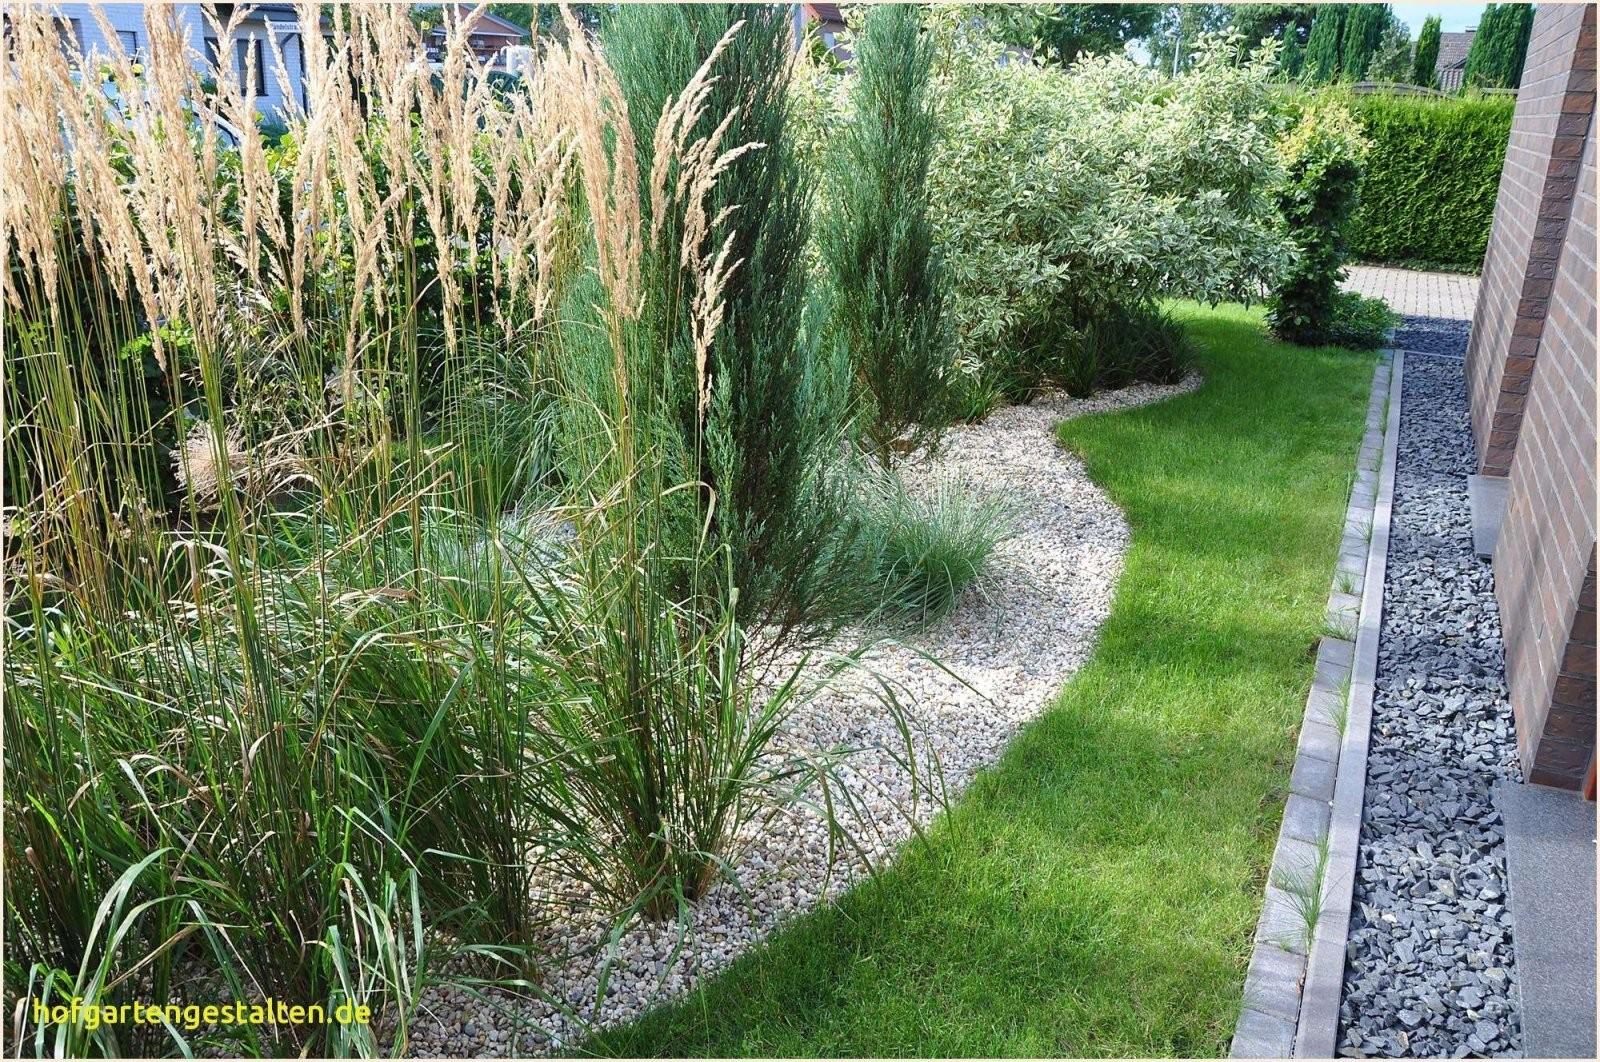 Gartengestaltung Ideen Mit Gräsern Inspiration Von Beetgestaltung von Gartengestaltung Mit Steinen Und Gräsern Photo